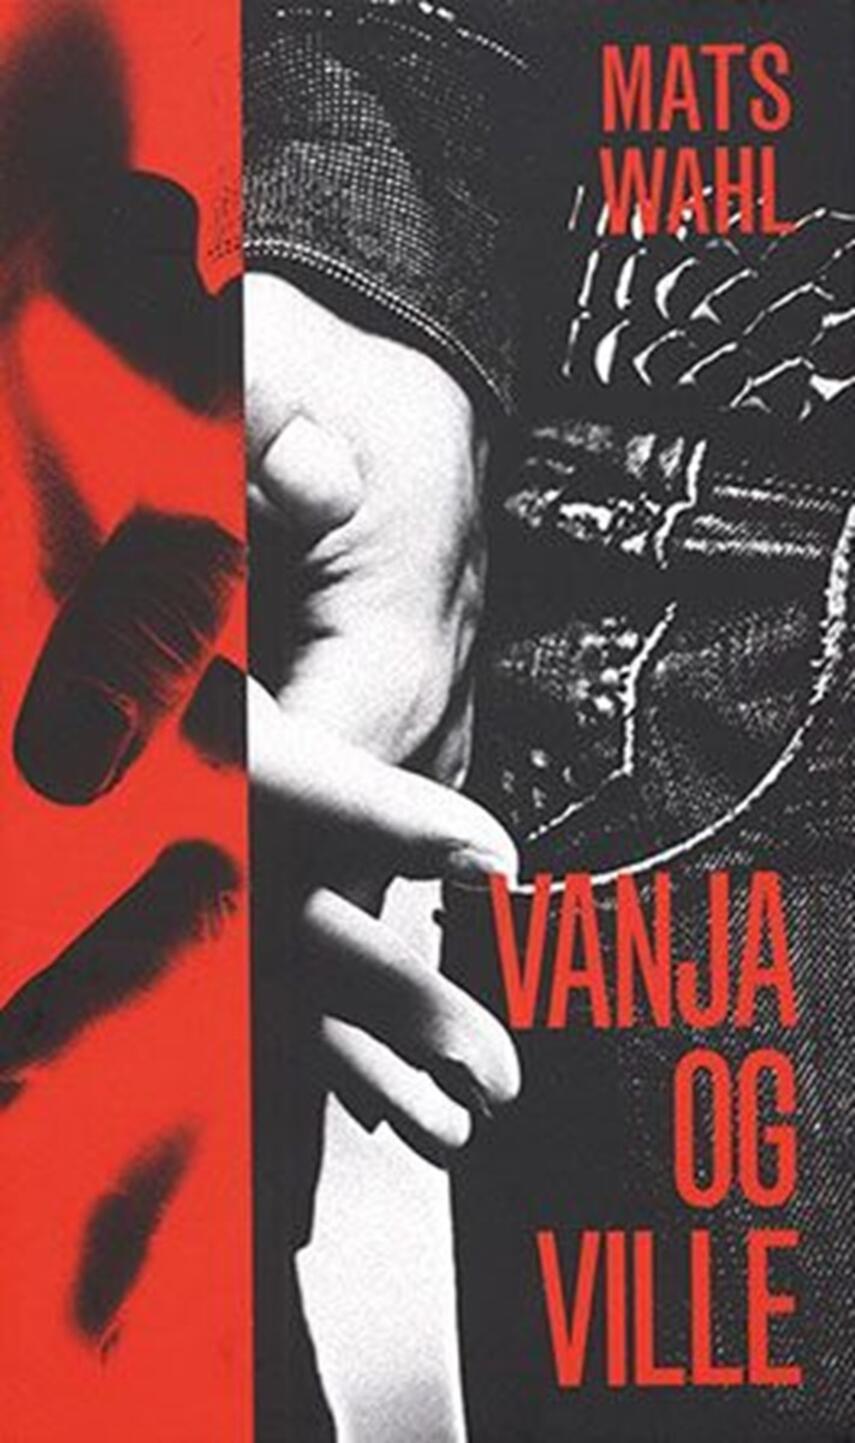 Mats Wahl: Vanja og Ville